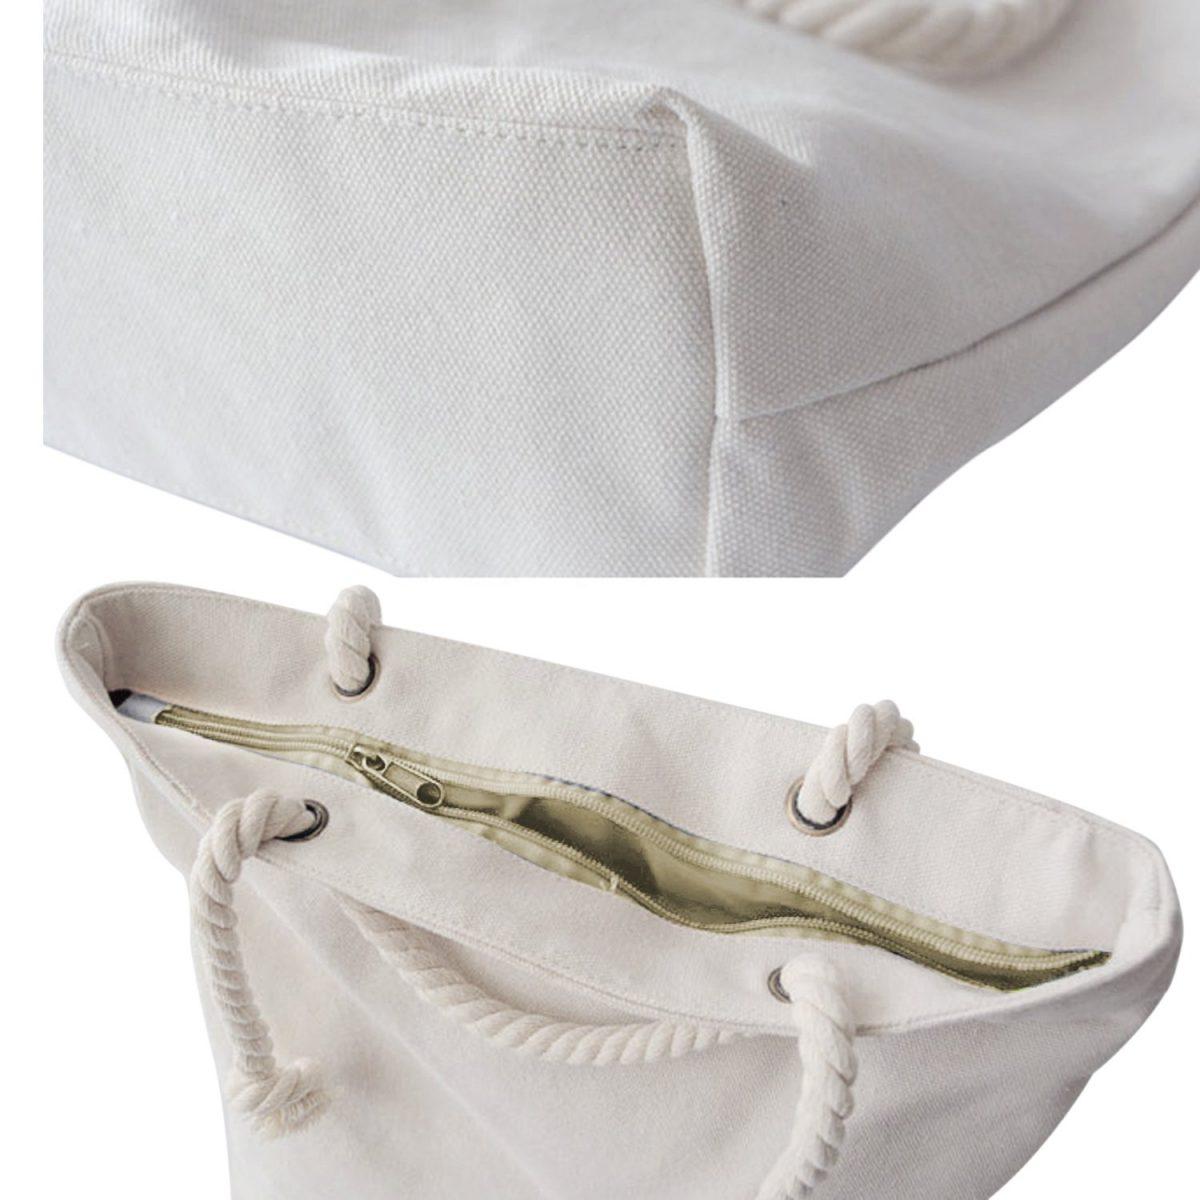 Beyaz Zeminde Kar Taneleri Özel Tasarım Fermuarlı Kumaş Çanta Realhomes